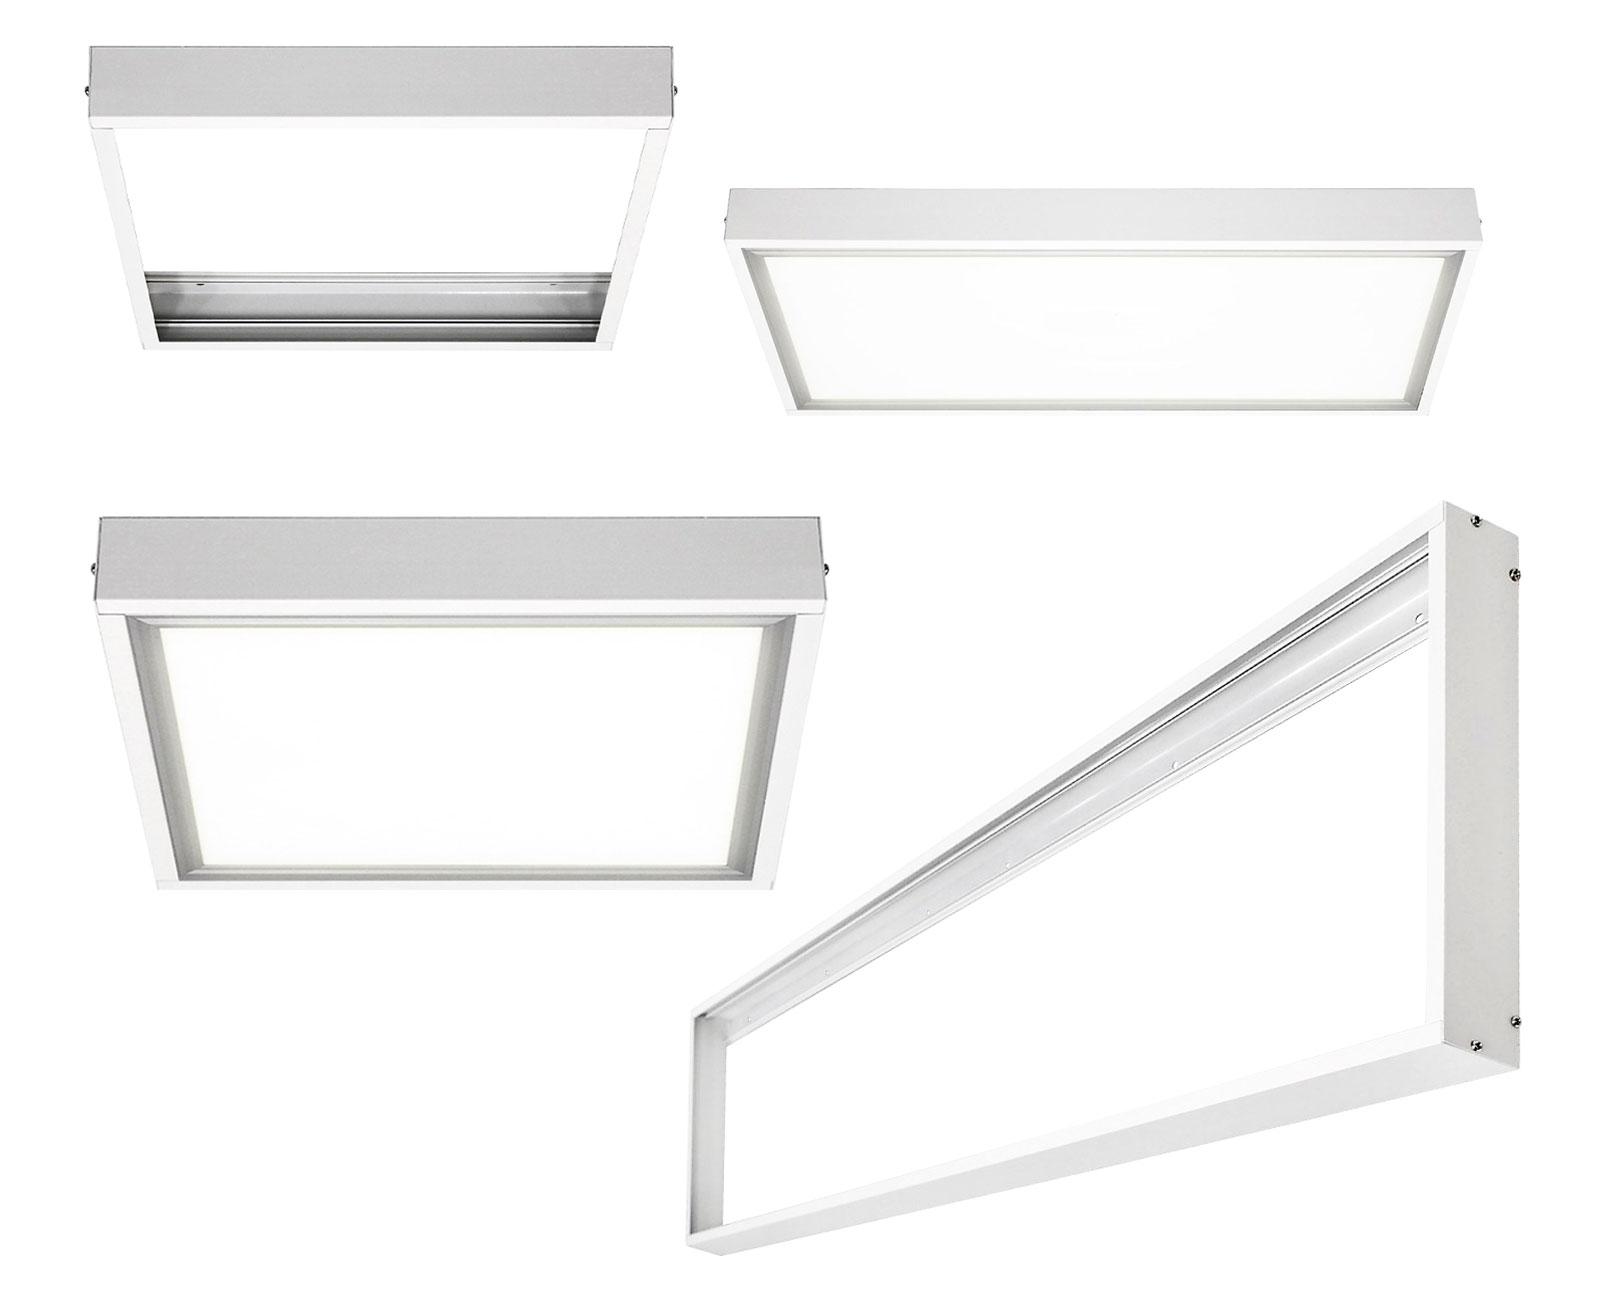 Full Size of Ikea Deckenlampen Husinge S1201 Lampe Deckenschiene 3 Spots Inkl Leuchtmittel Modulküche Küche Kosten Wohnzimmer Für Betten 160x200 Bei Sofa Mit Wohnzimmer Ikea Deckenlampen